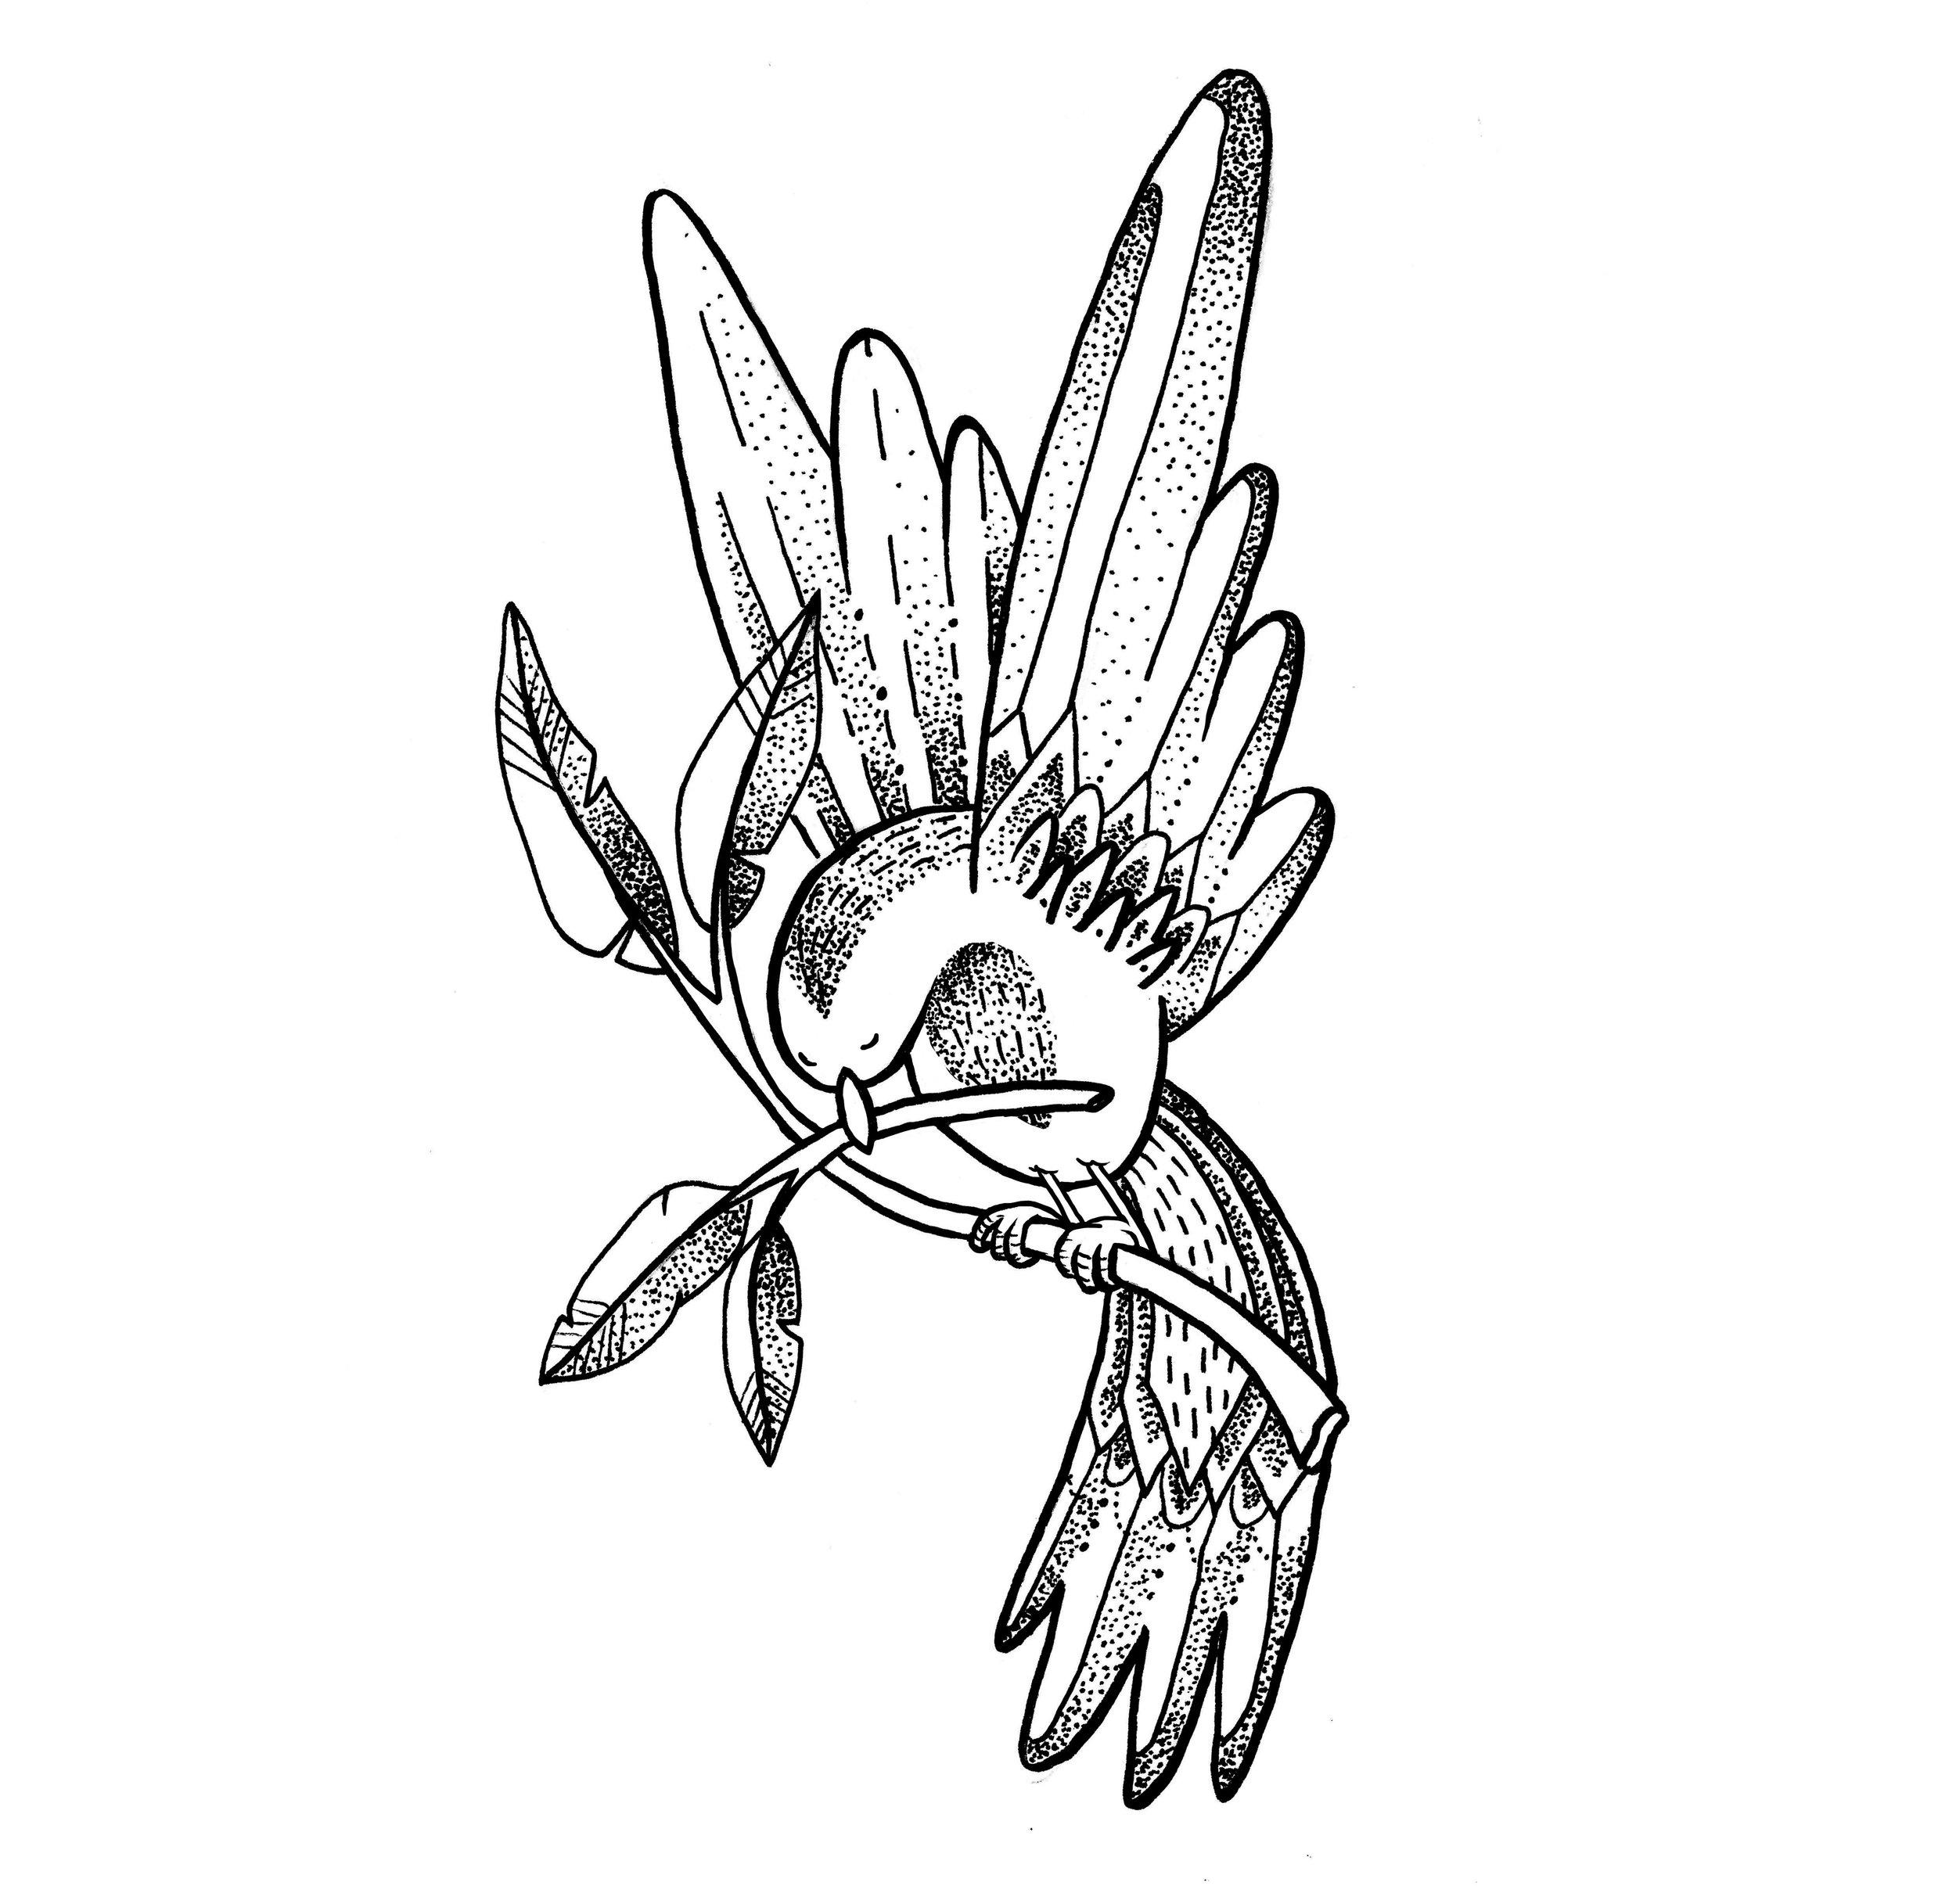 littlebird_insta.jpg